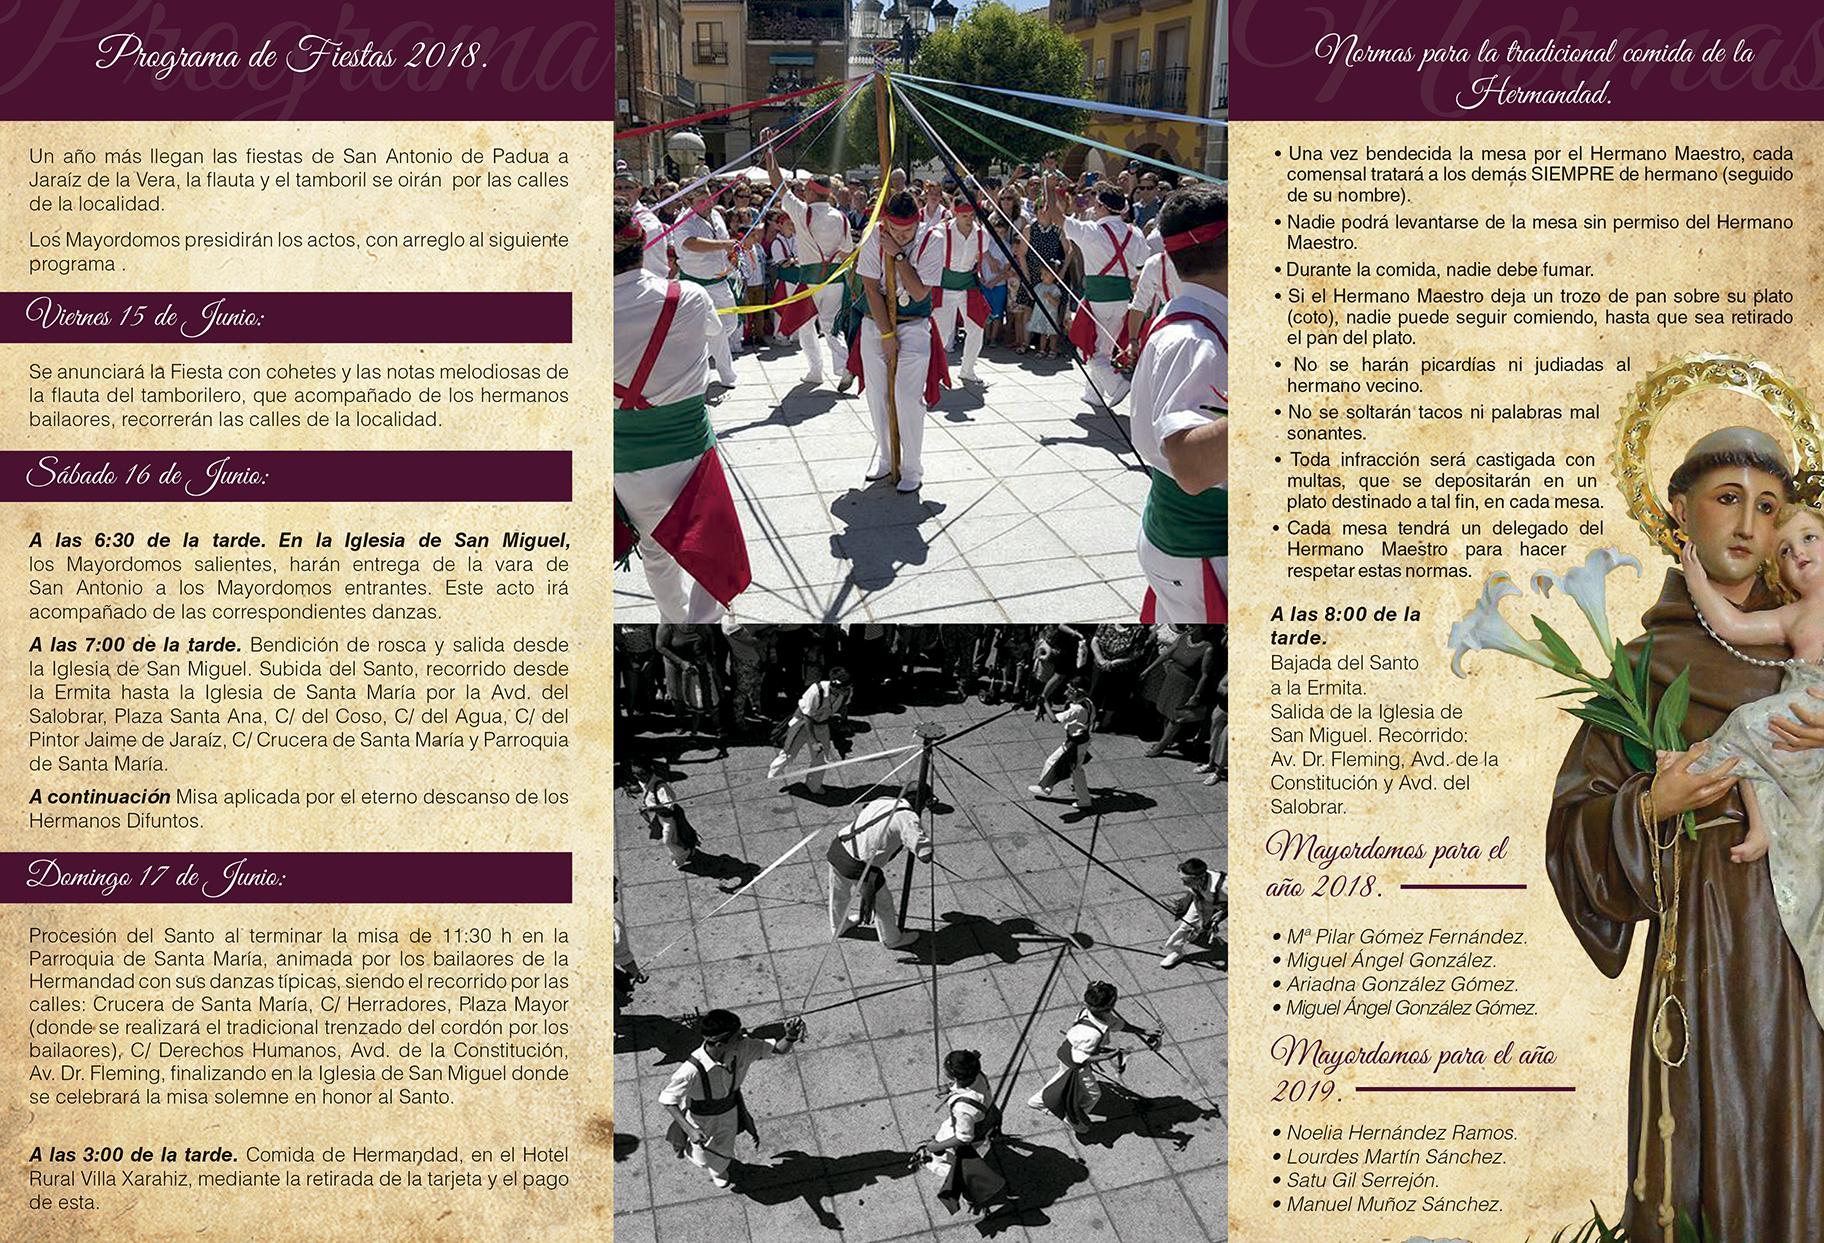 Fiesta de San Antonio de Padua los días 16 y 17 en Jaraíz de la Vera 2018